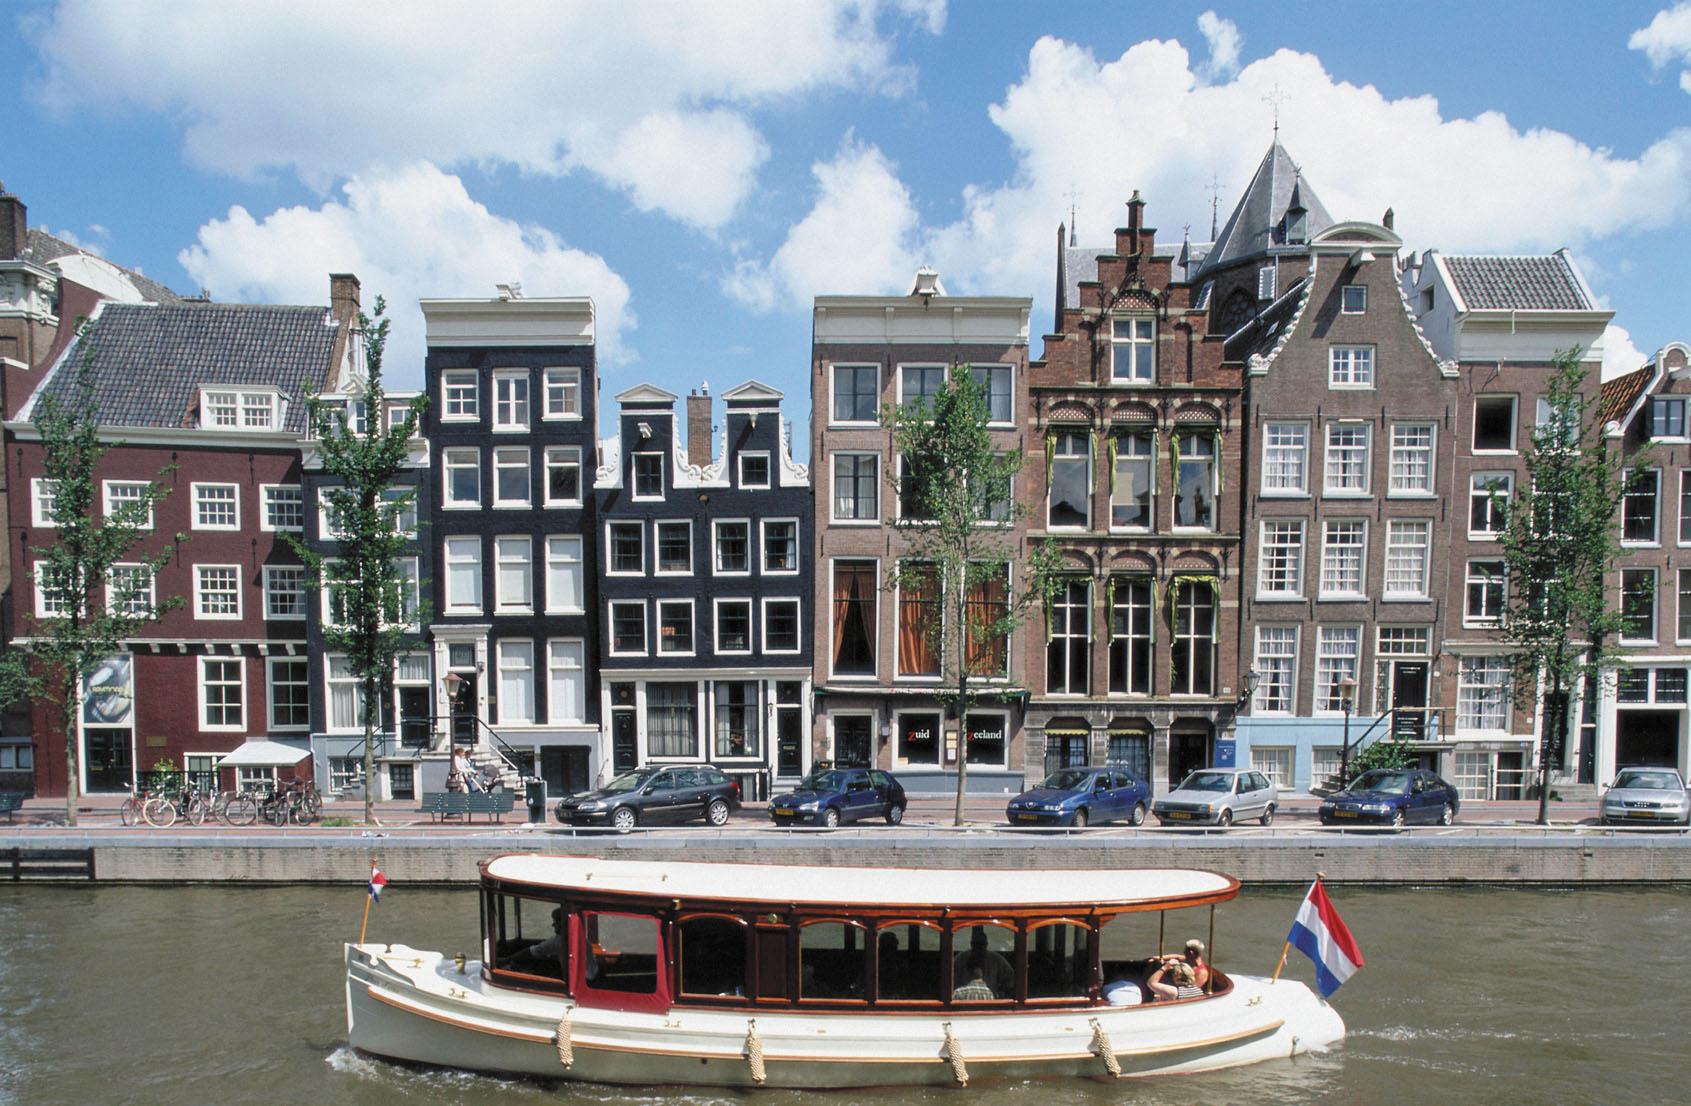 Amsterdam har nu så mange turister at fortsætter udviklingen vil byen blive overrendt i fremtiden – et minus for såvel turisterne som byens indbyggere. Arkivfoto fra Austrian Airlines.